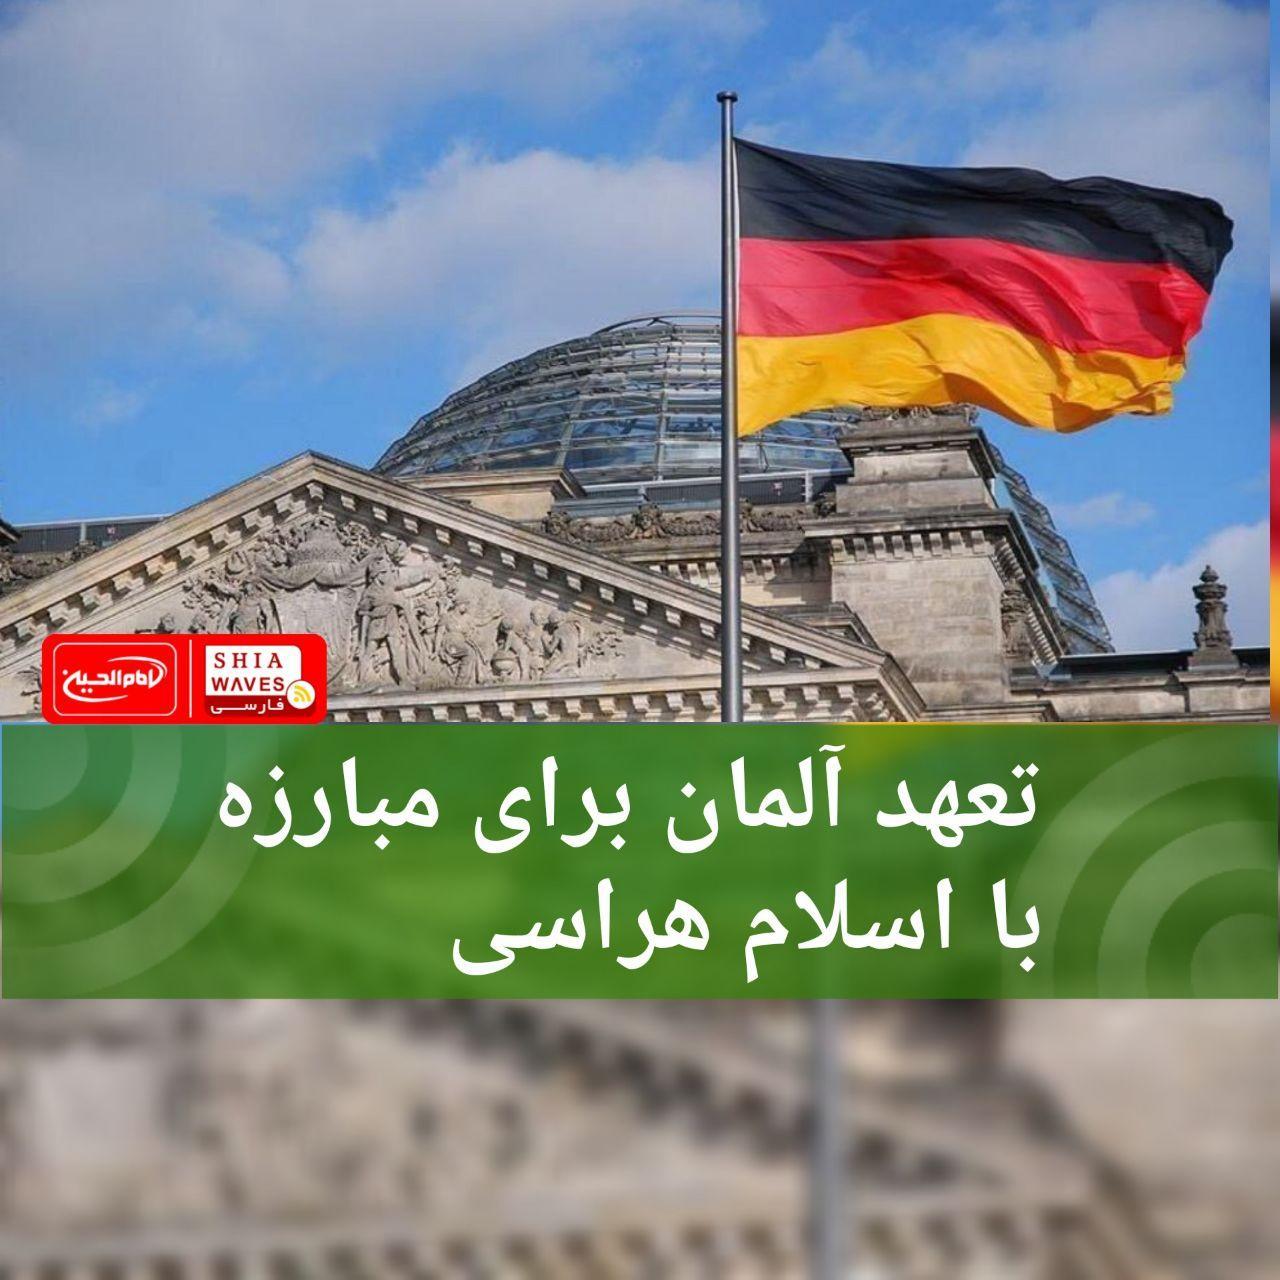 تصویر تعهد آلمان برای مبارزه با اسلام هراسی